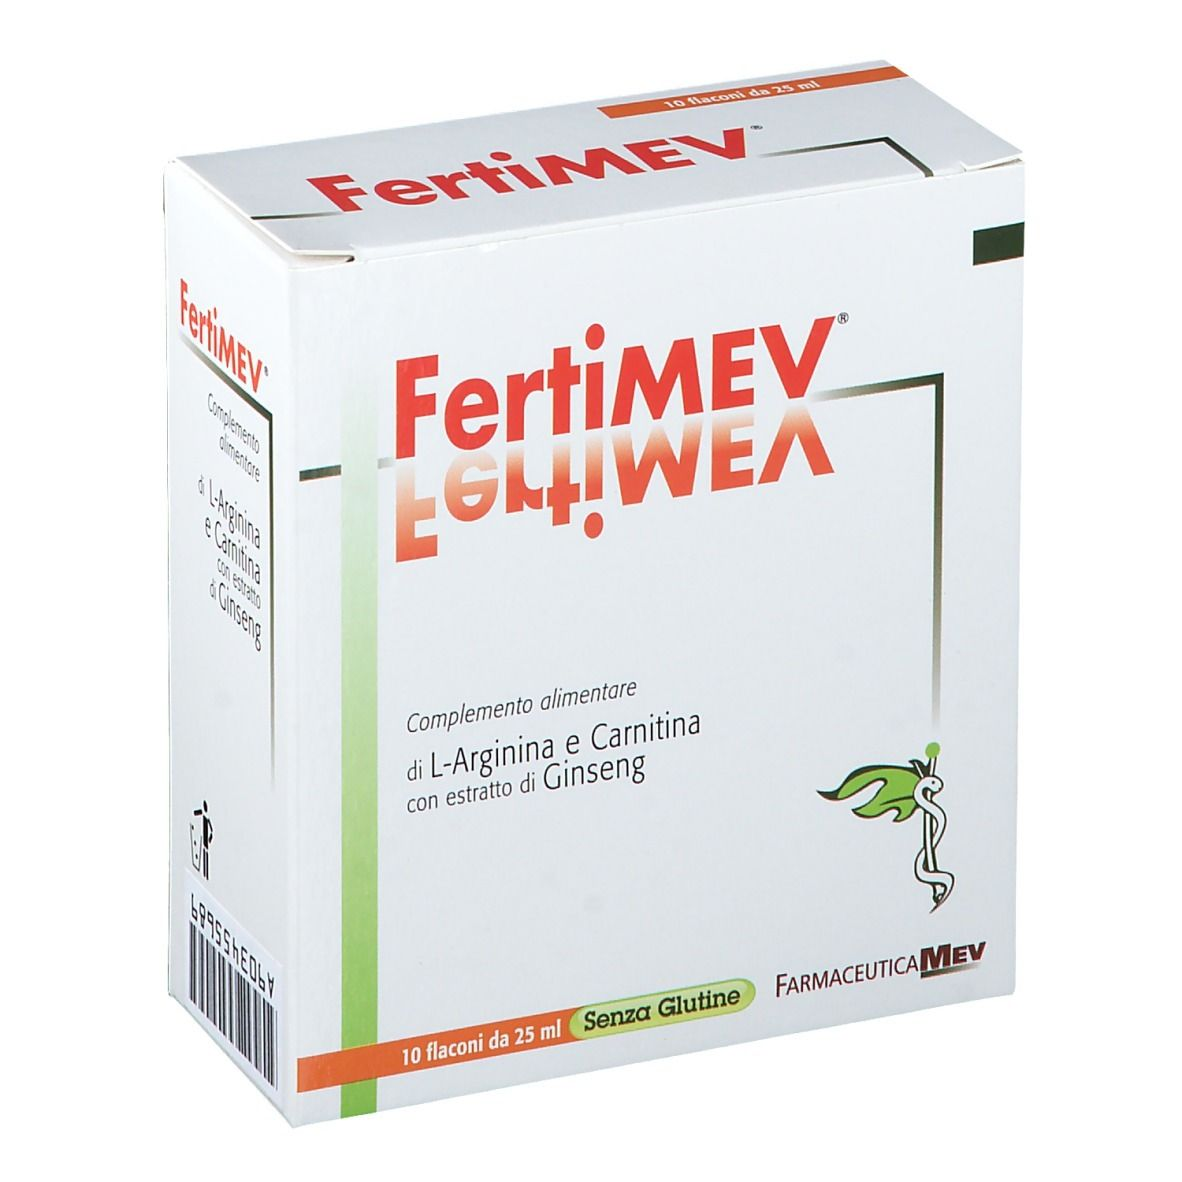 Fertimev®